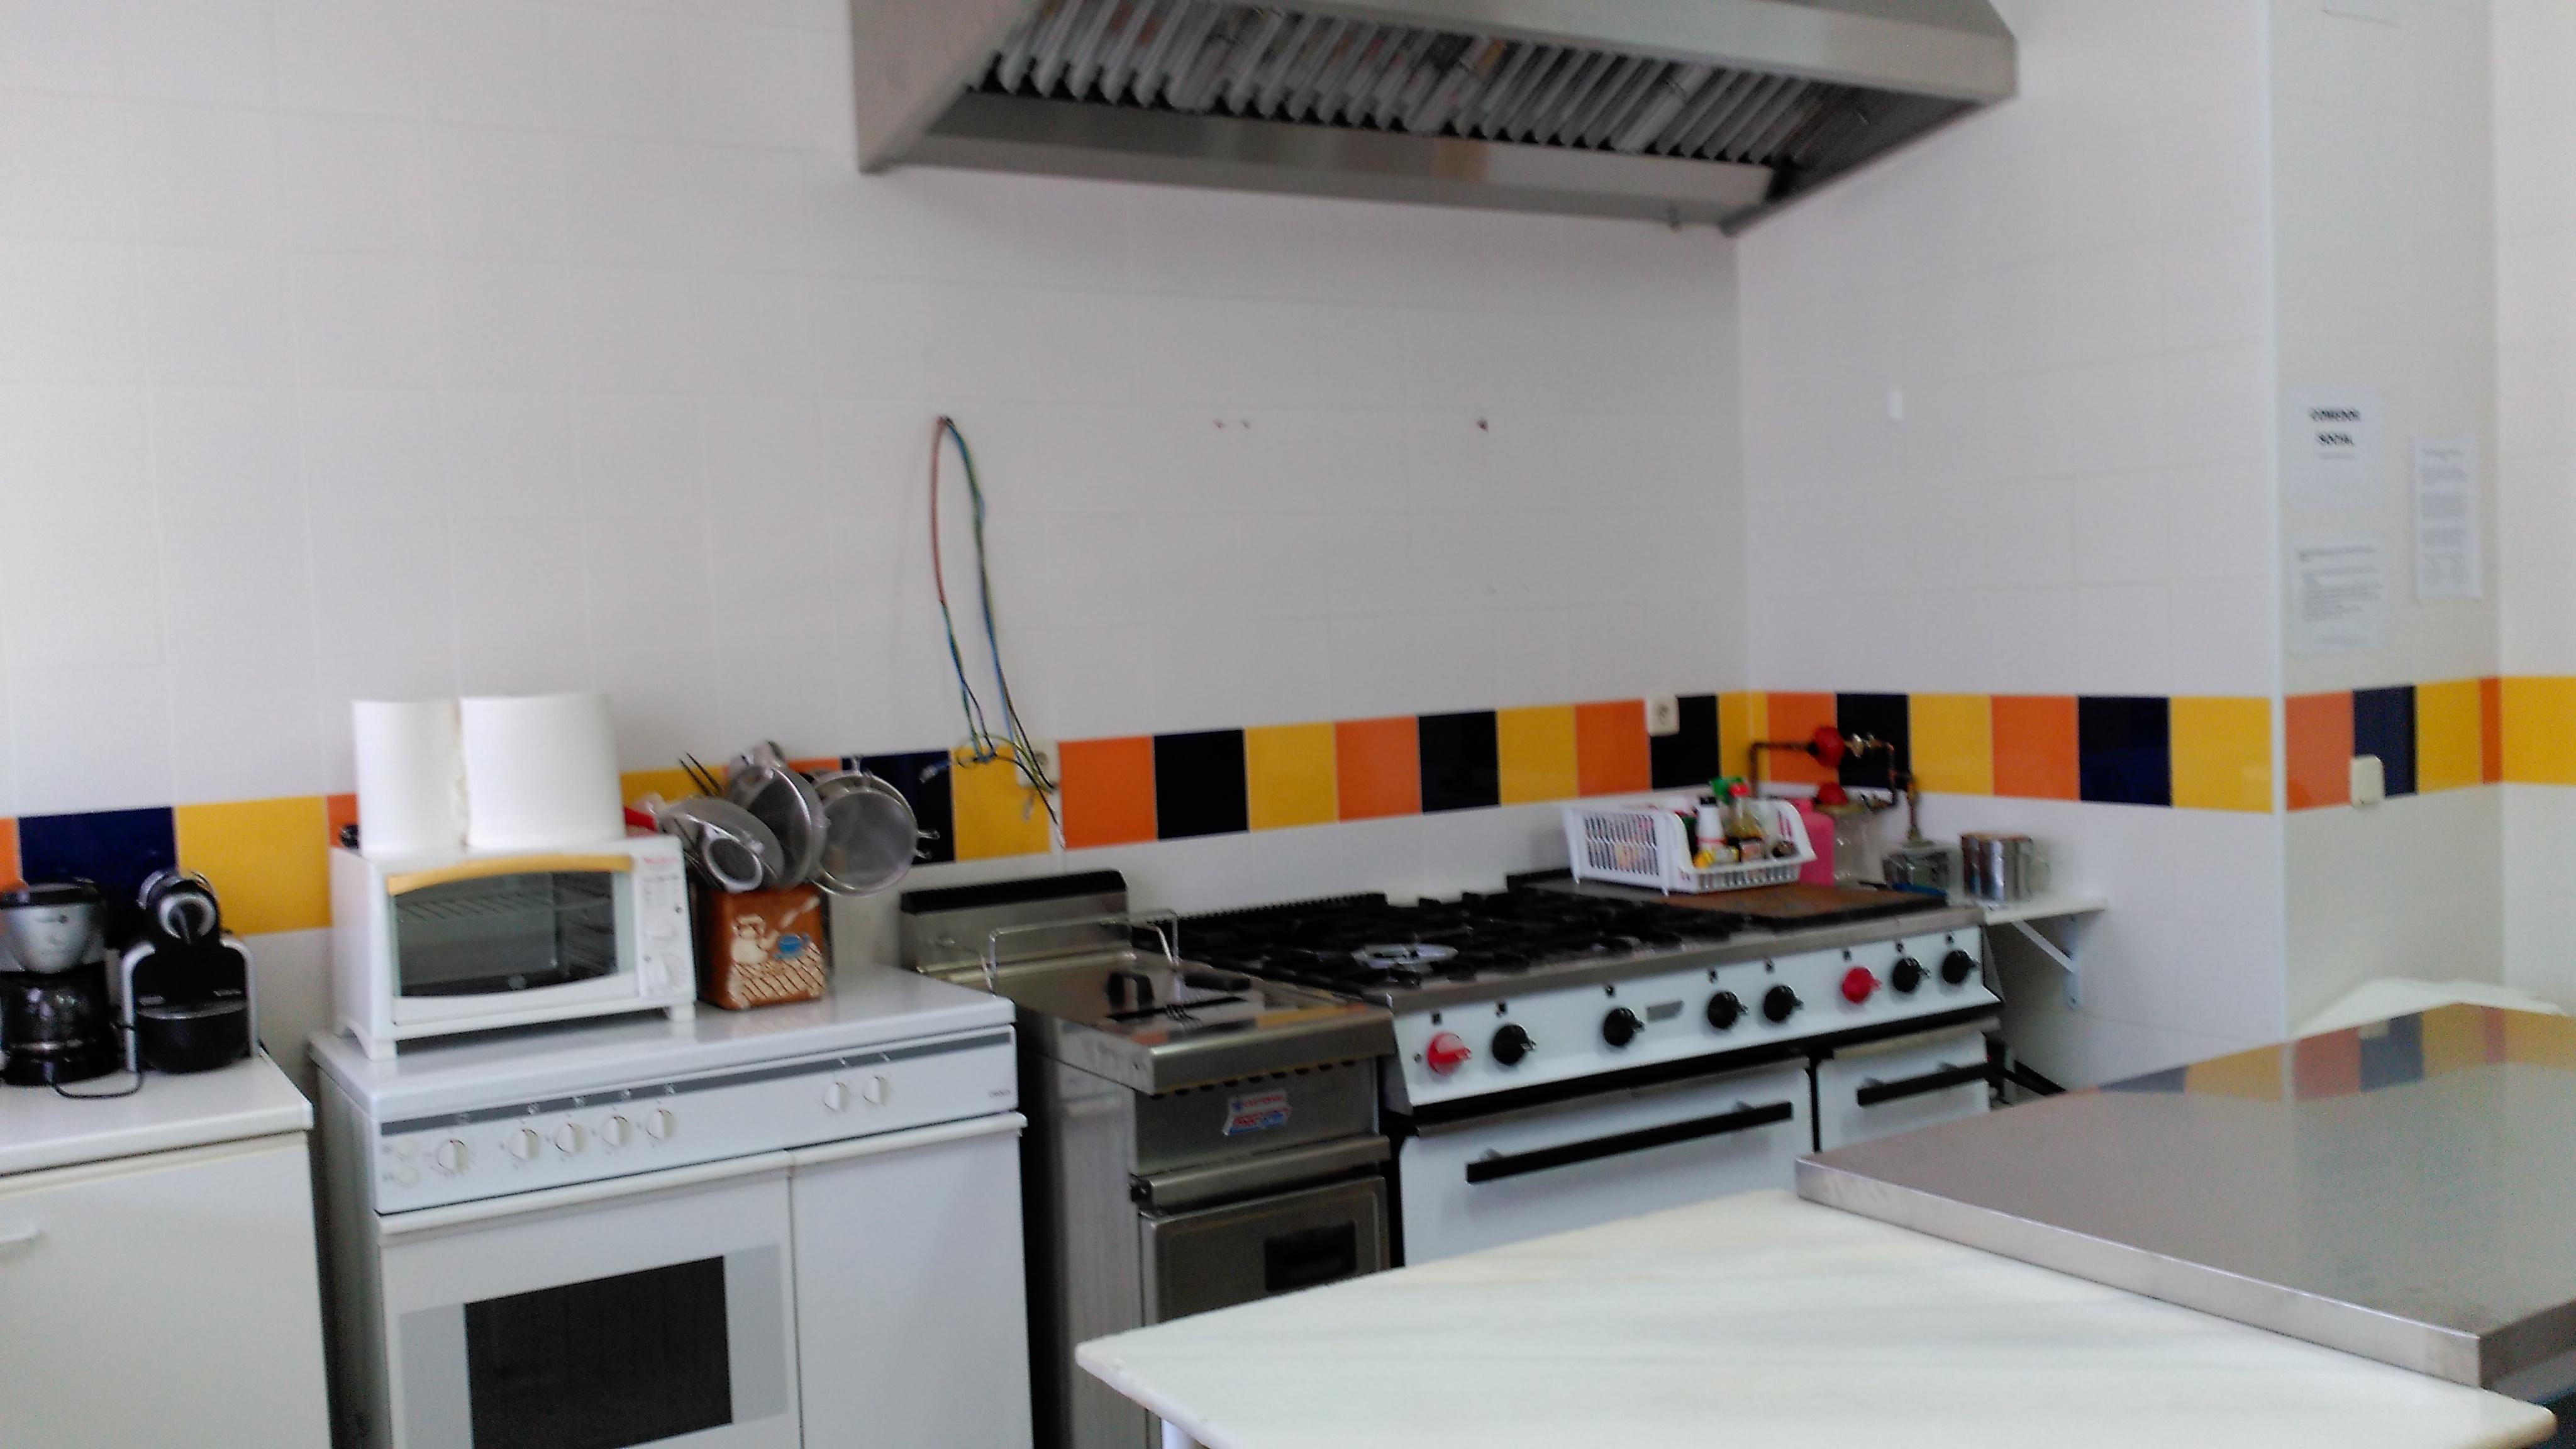 Cuaderno de bit cora taller de empleo ayudante de cocina y servicios de catering santa - Examenes ayudante de cocina ...